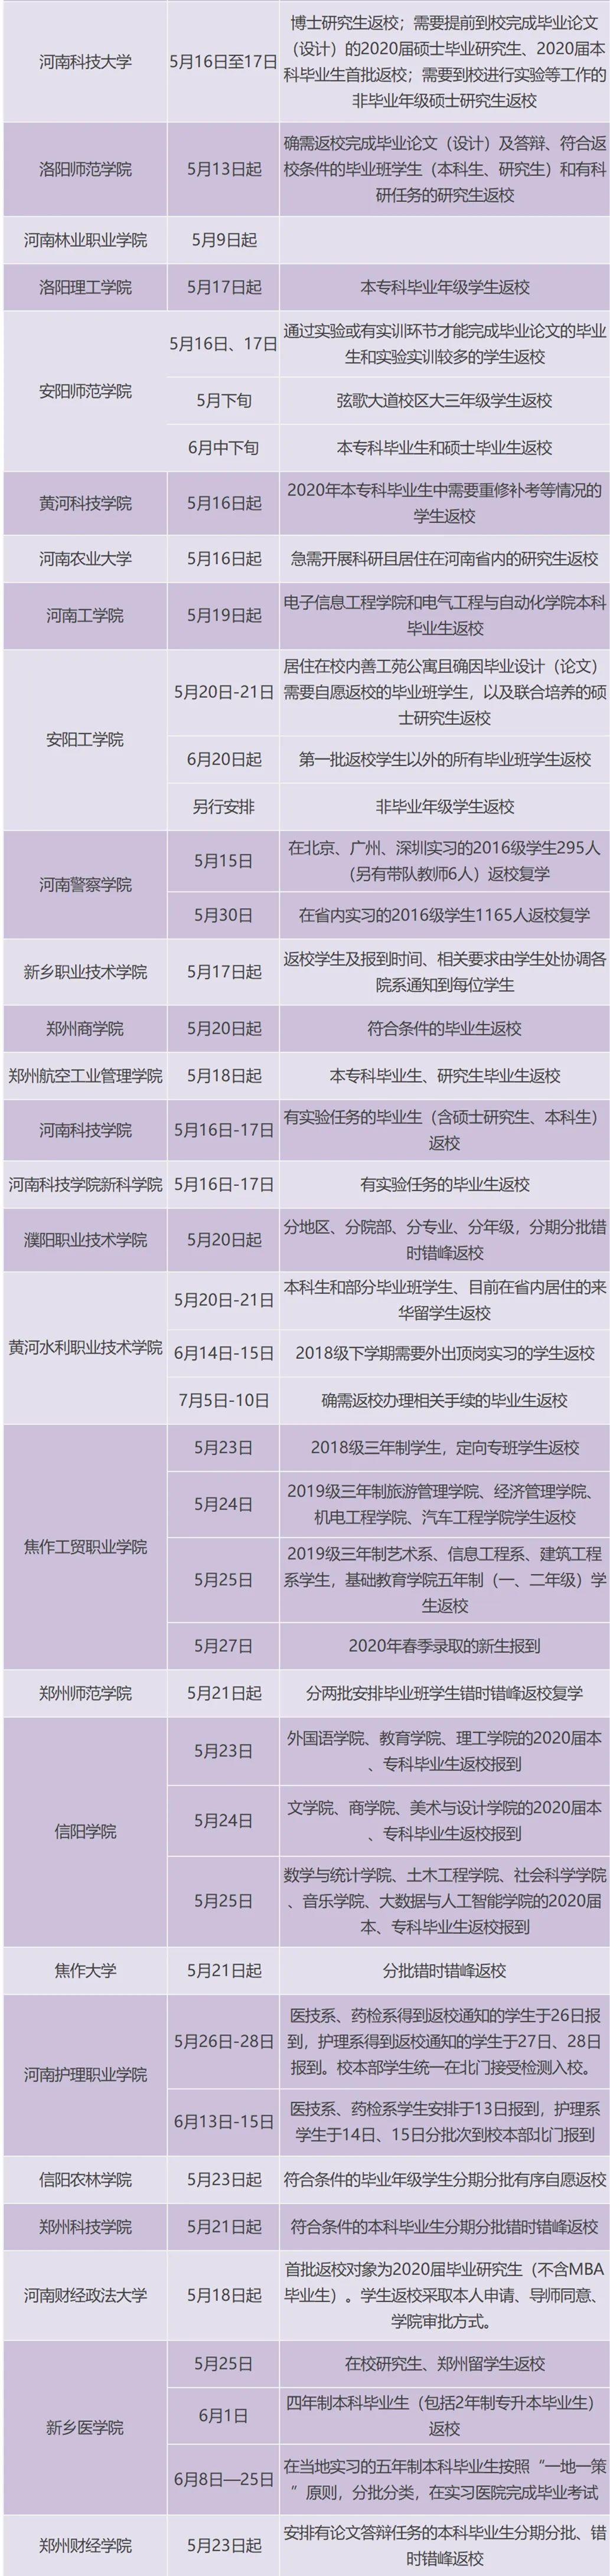 河南又有3所高校发复学通知!附复学时间表